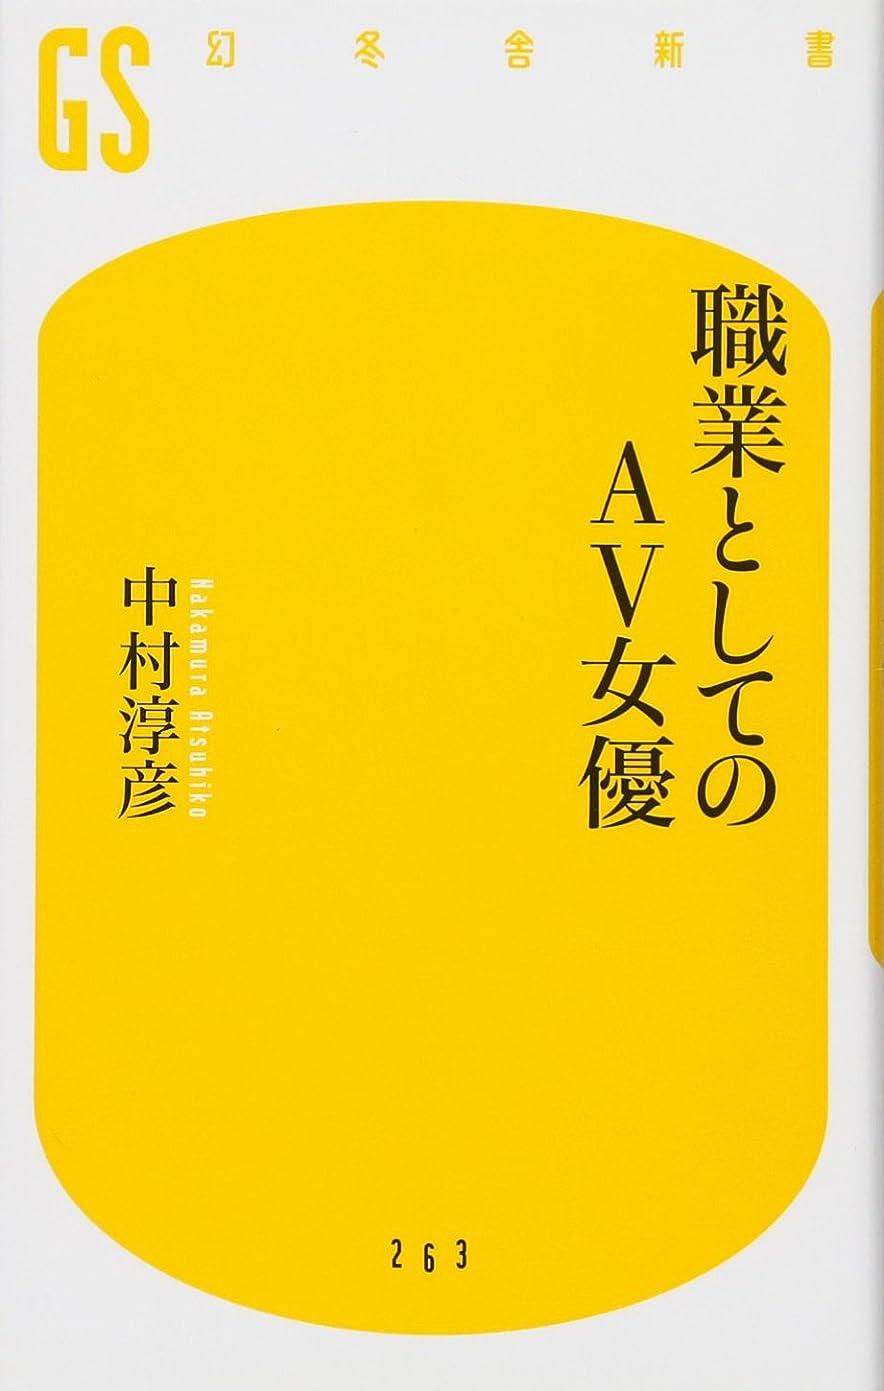 ライオネルグリーンストリートホール癒す職業としてのAV女優 (幻冬舎新書)